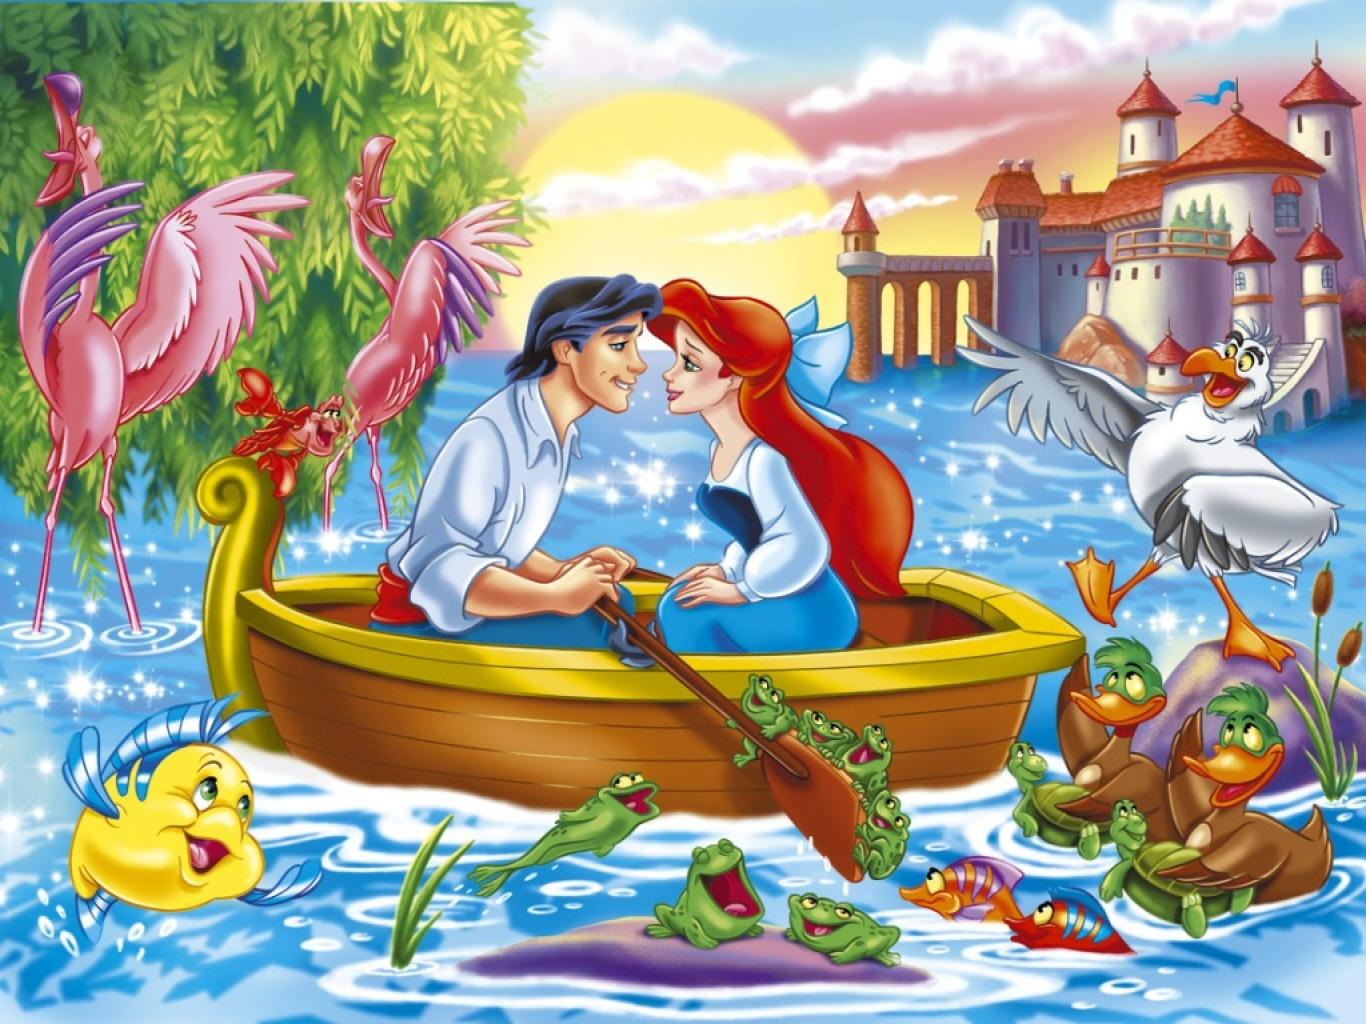 http://4.bp.blogspot.com/-JpKauqJNgTM/TjO0Y10xe-I/AAAAAAAAAJE/457JZsKdEiw/s1600/25131-little-mermaidbwith+prince.jpg